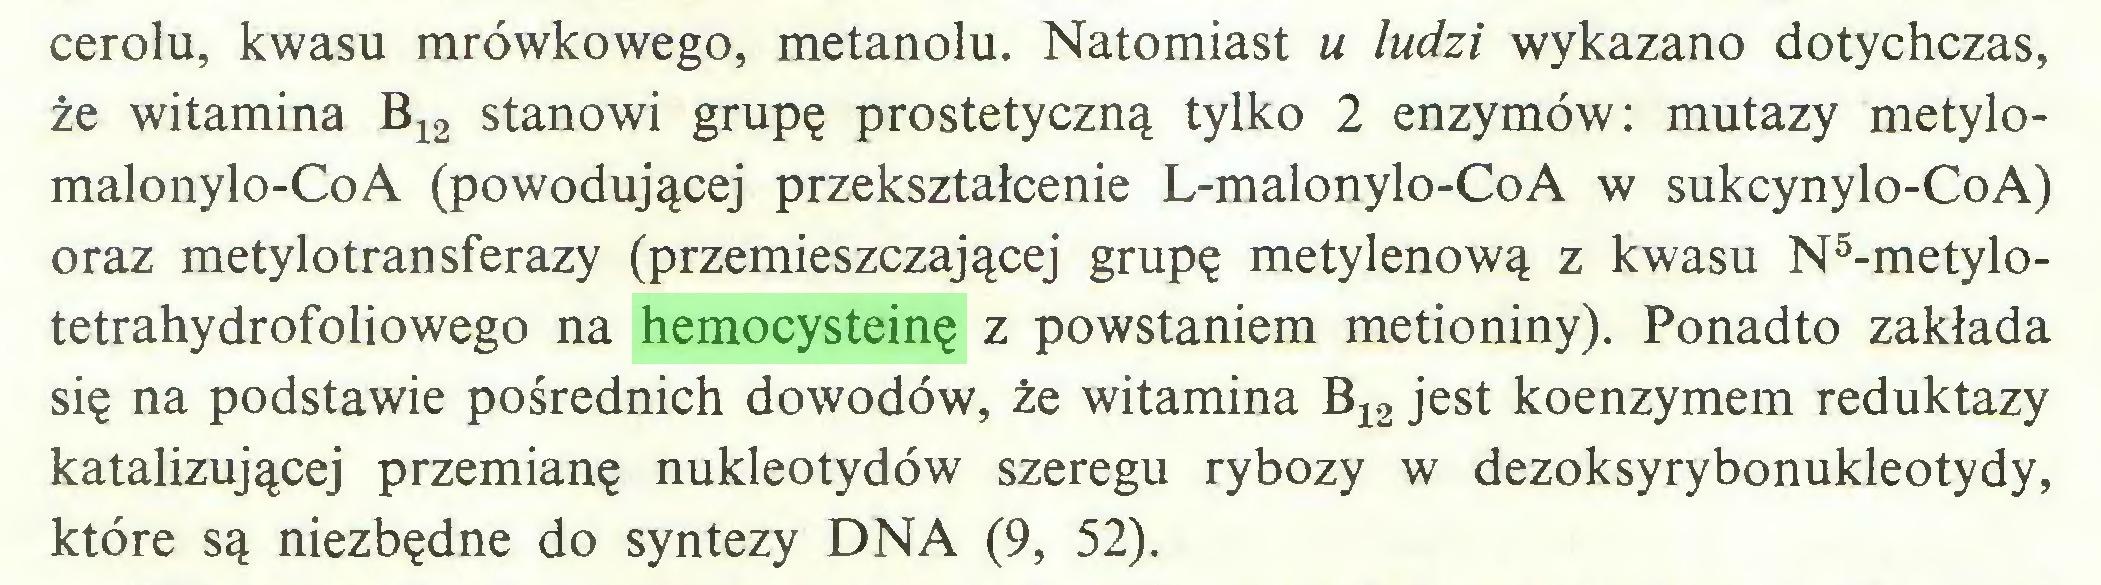 (...) cerolu, kwasu mrówkowego, metanolu. Natomiast u ludzi wykazano dotychczas, że witamina B12 stanowi grupę prostetyczną tylko 2 enzymów: mutazy metylomalonylo-CoA (powodującej przekształcenie L-malonylo-CoA w sukcynylo-CoA) oraz metylotransferazy (przemieszczającej grupę metylenową z kwasu N5-metylotetrahydrofoliowego na hemocysteinę z powstaniem metioniny). Ponadto zakłada się na podstawie pośrednich dowodów, że witamina B12 jest koenzymem reduktazy katalizującej przemianę nukleotydów szeregu rybozy w dezoksyrybonukleotydy, które są niezbędne do syntezy DNA (9, 52)...